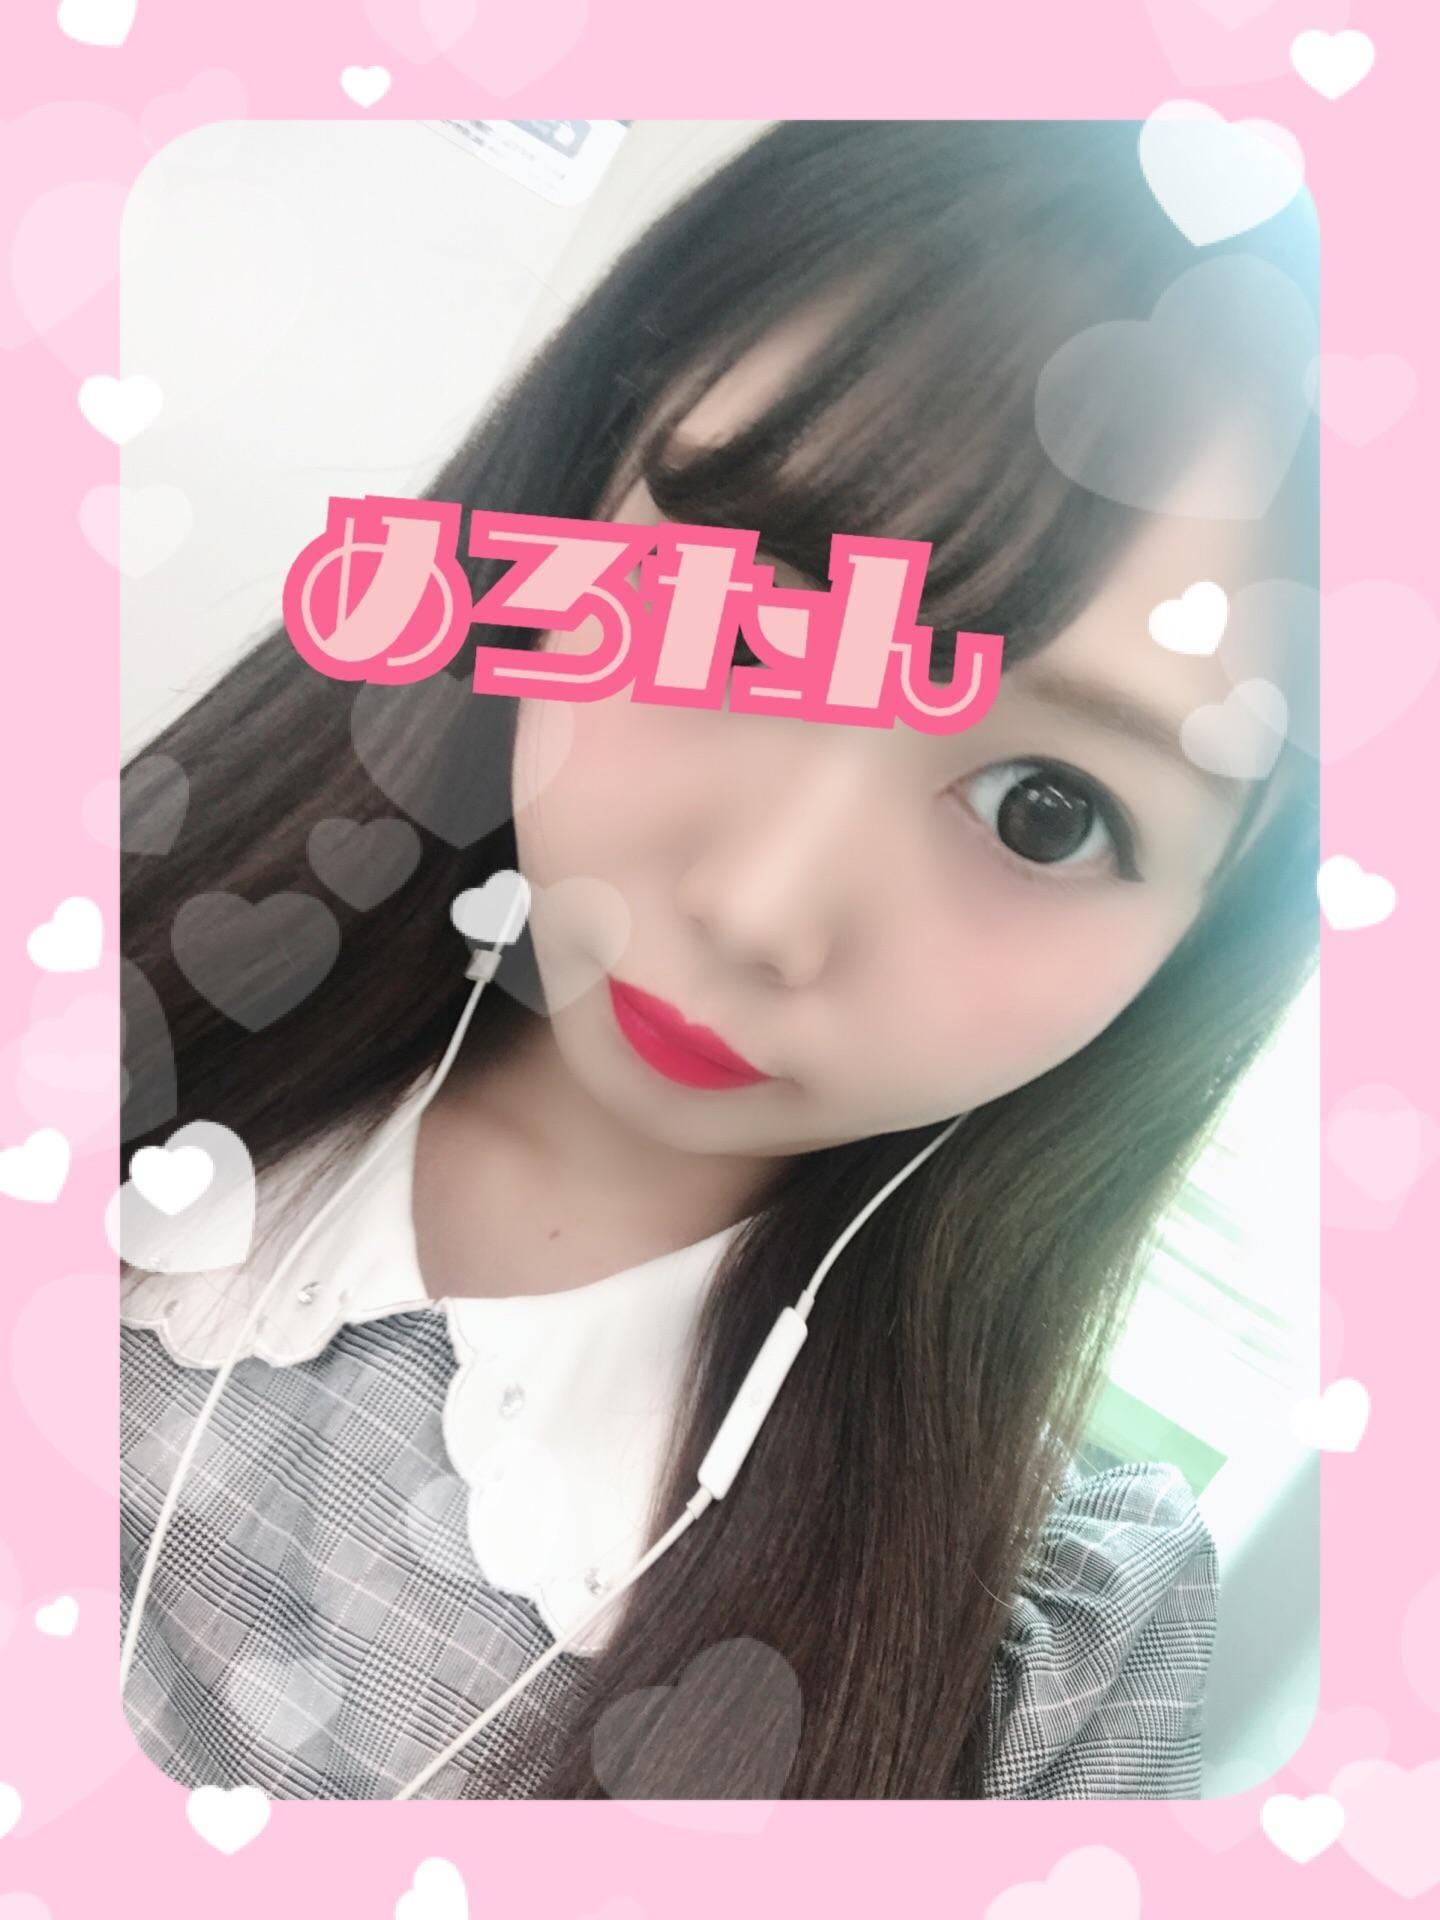 「ありがとう♪」11/14(11/14) 02:40   メロの写メ・風俗動画